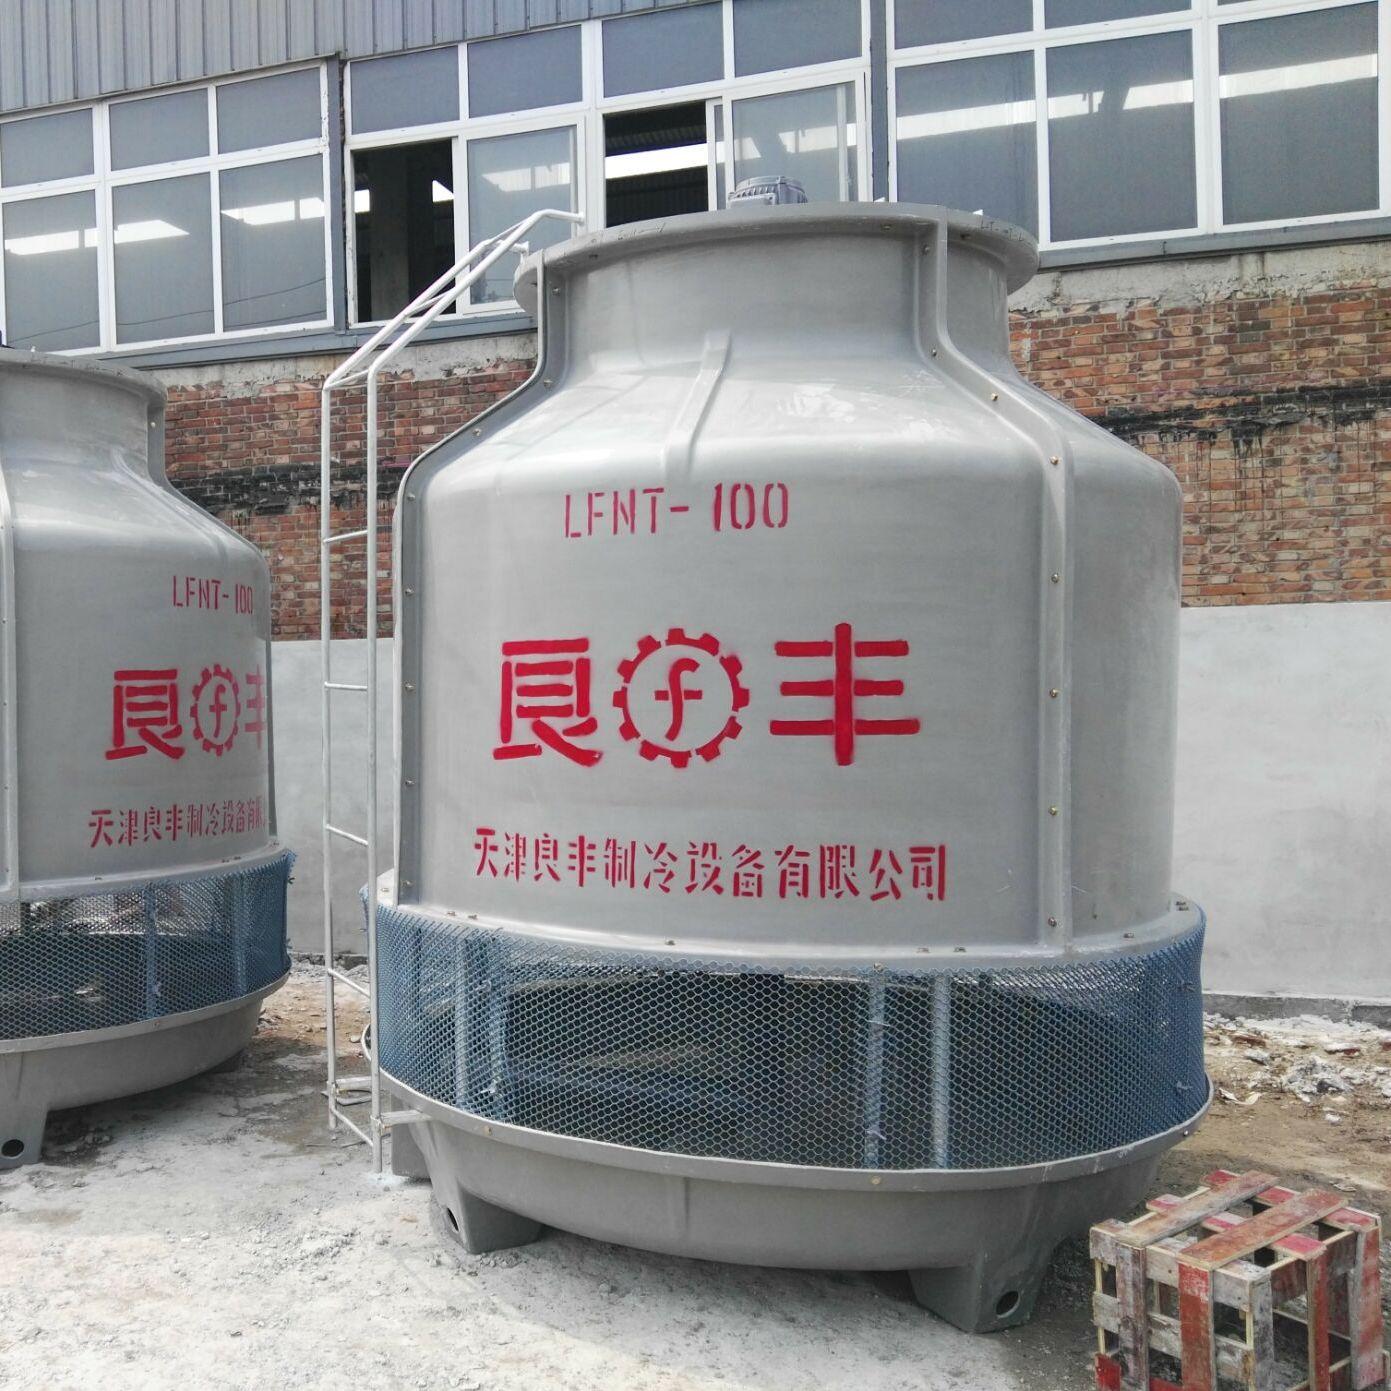 良丰冷却塔厂家_良丰冷却塔价格_天津良丰制冷设备有限公司